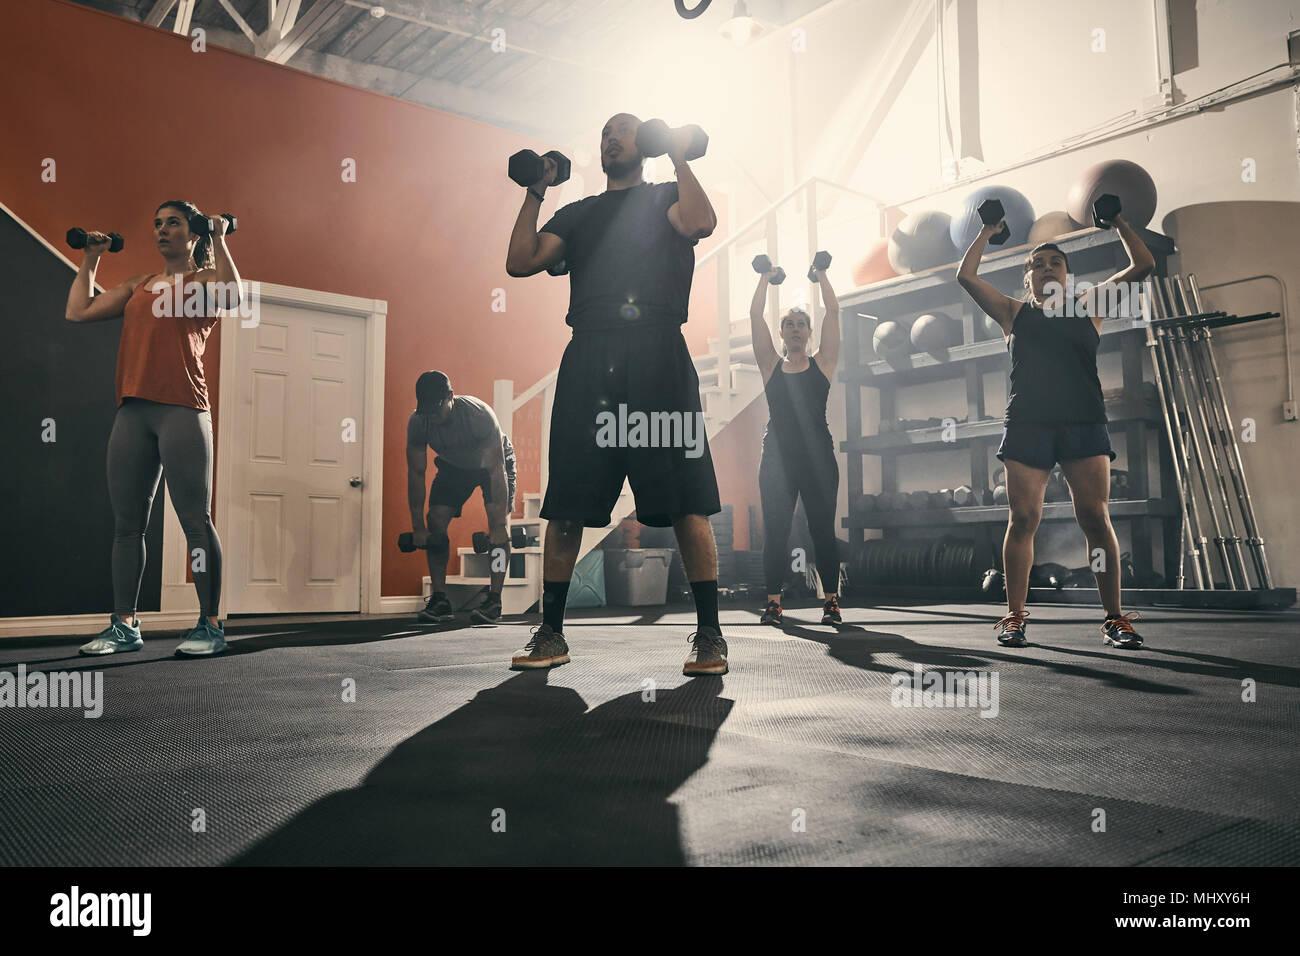 L'homme à l'aide d'haltères en salle de sport Photo Stock